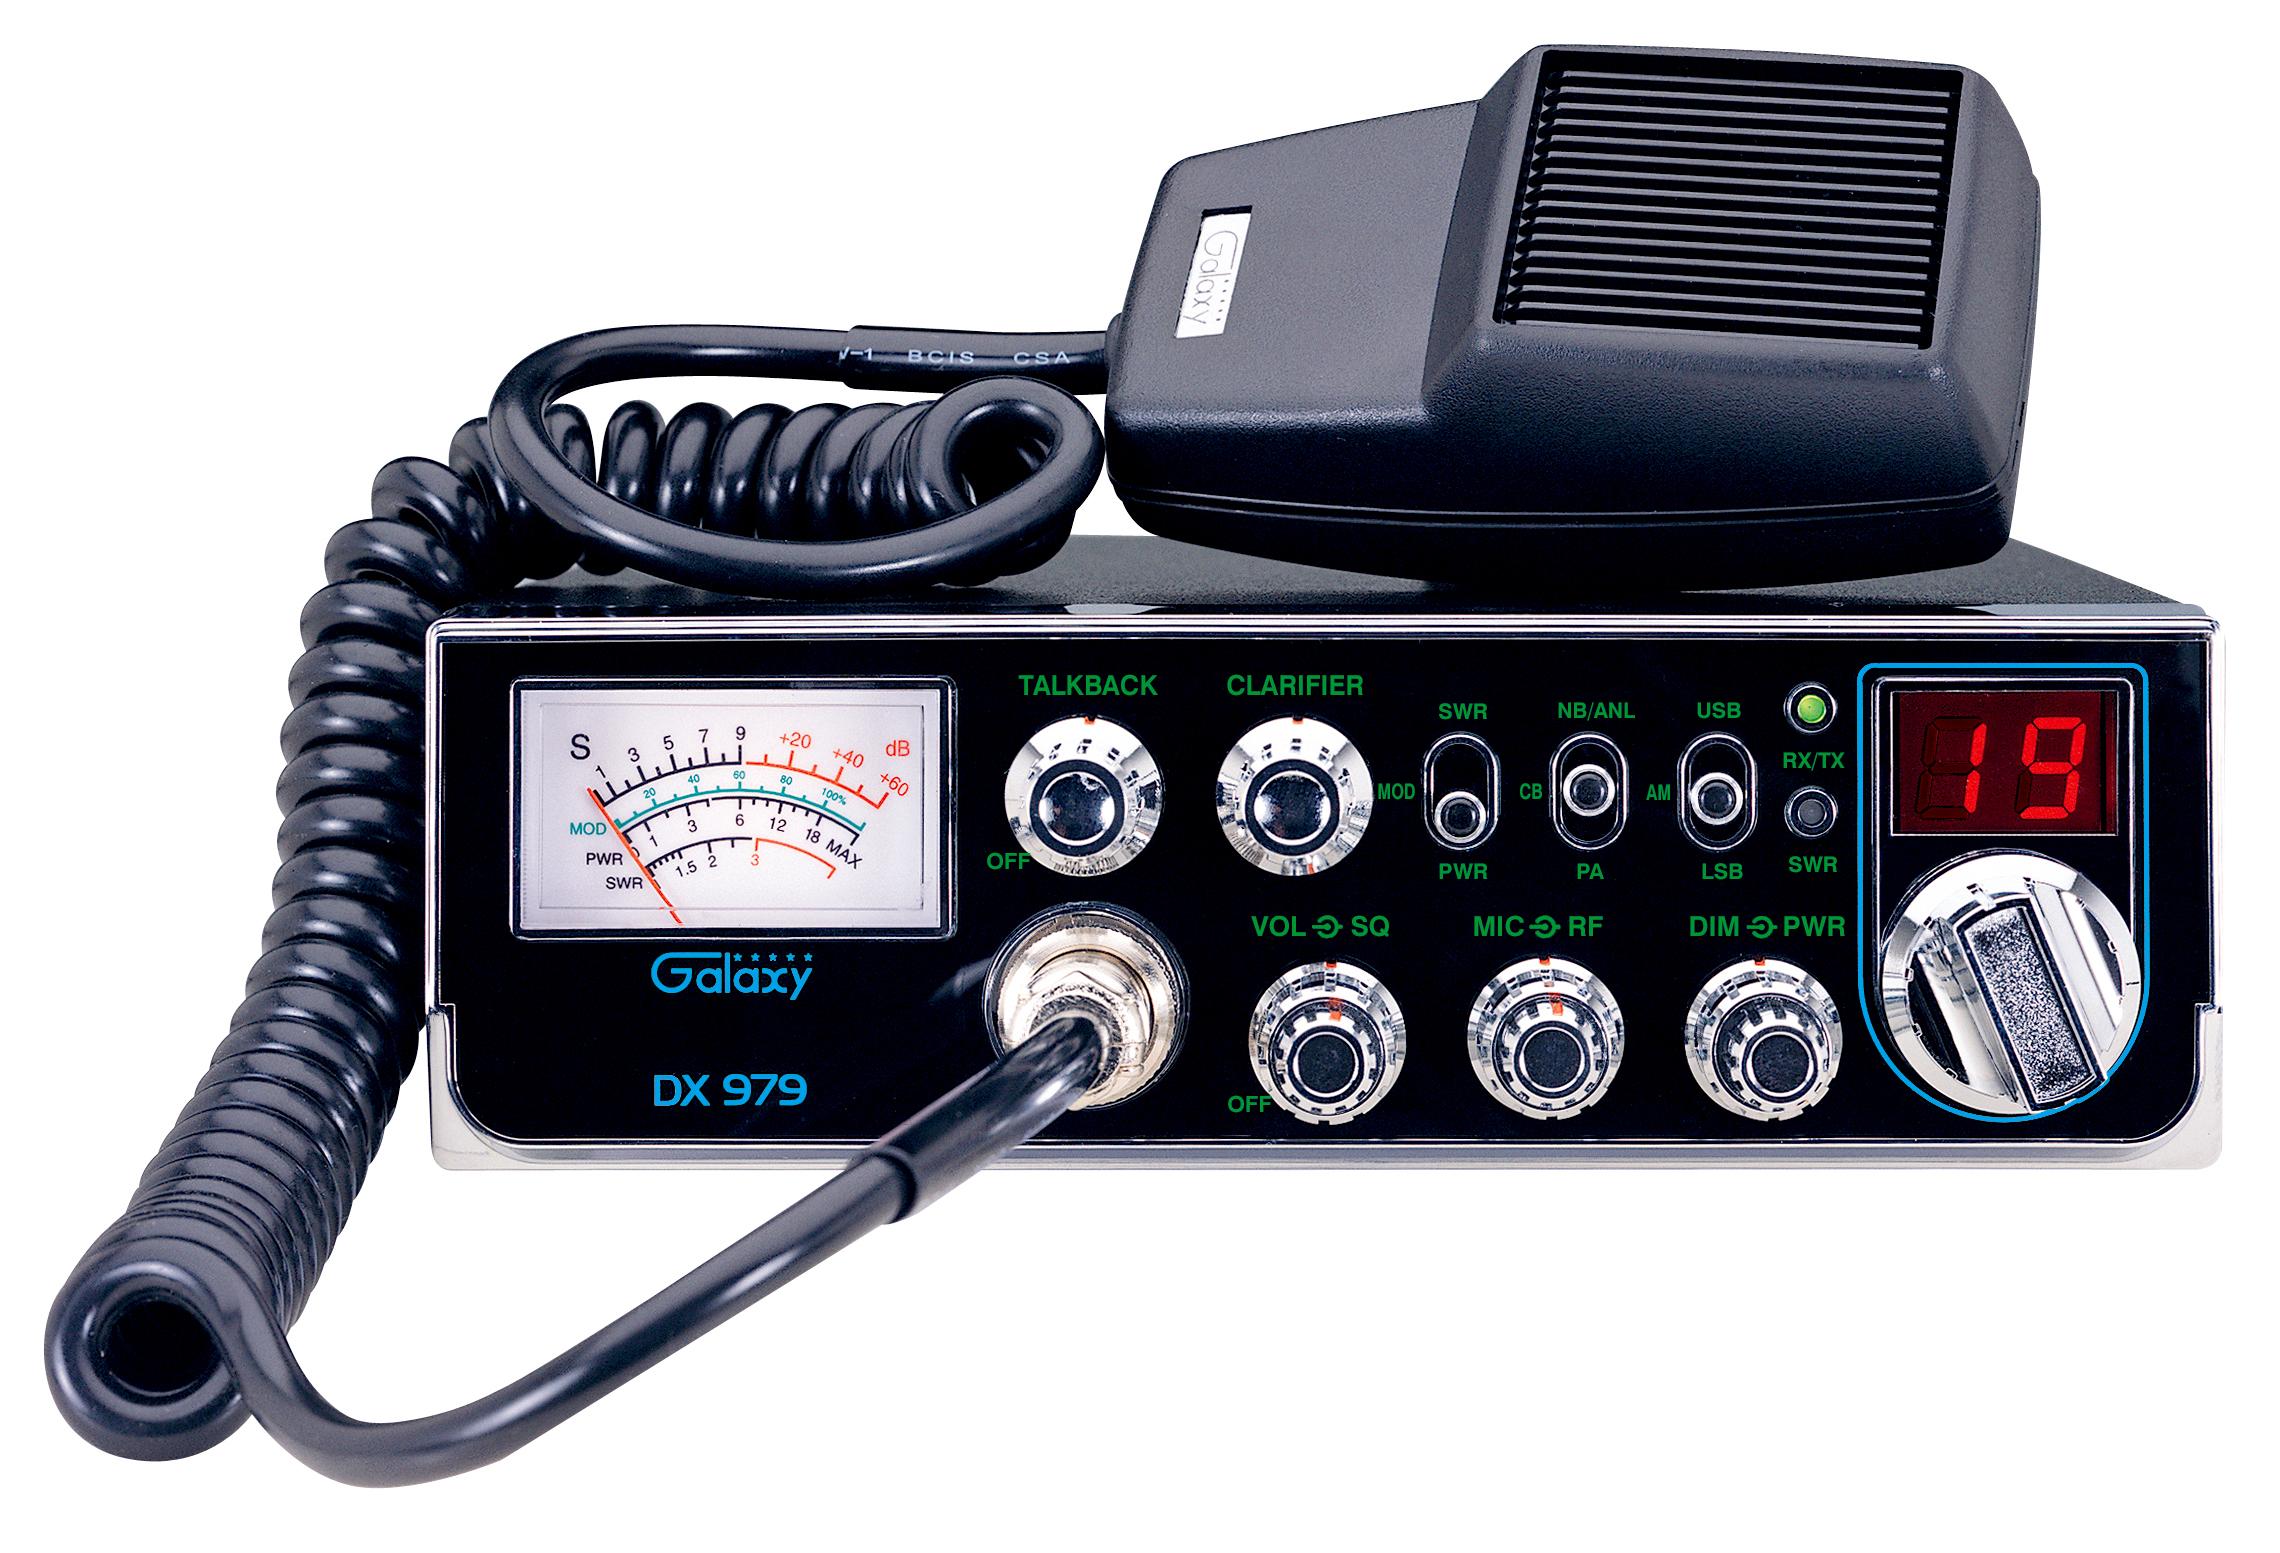 Galaxy DX Radios on